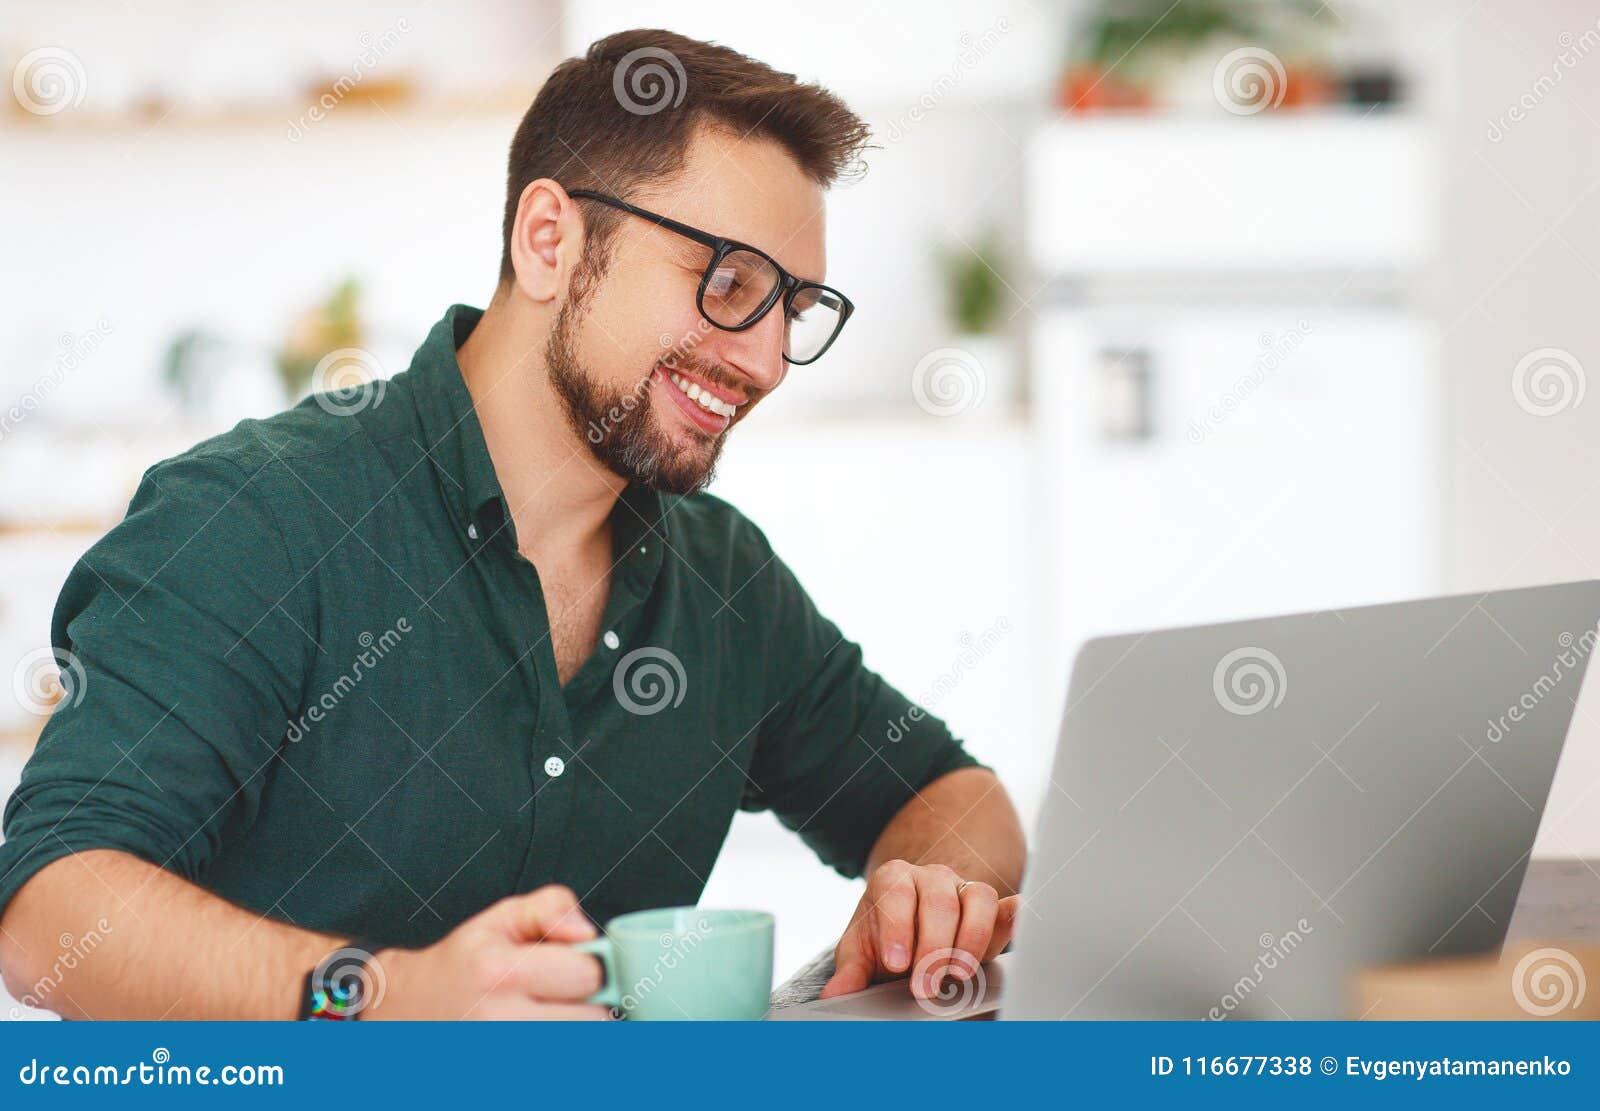 Szczęśliwy mężczyzna biznesmen, freelancer, studencki działanie przy komputerem a